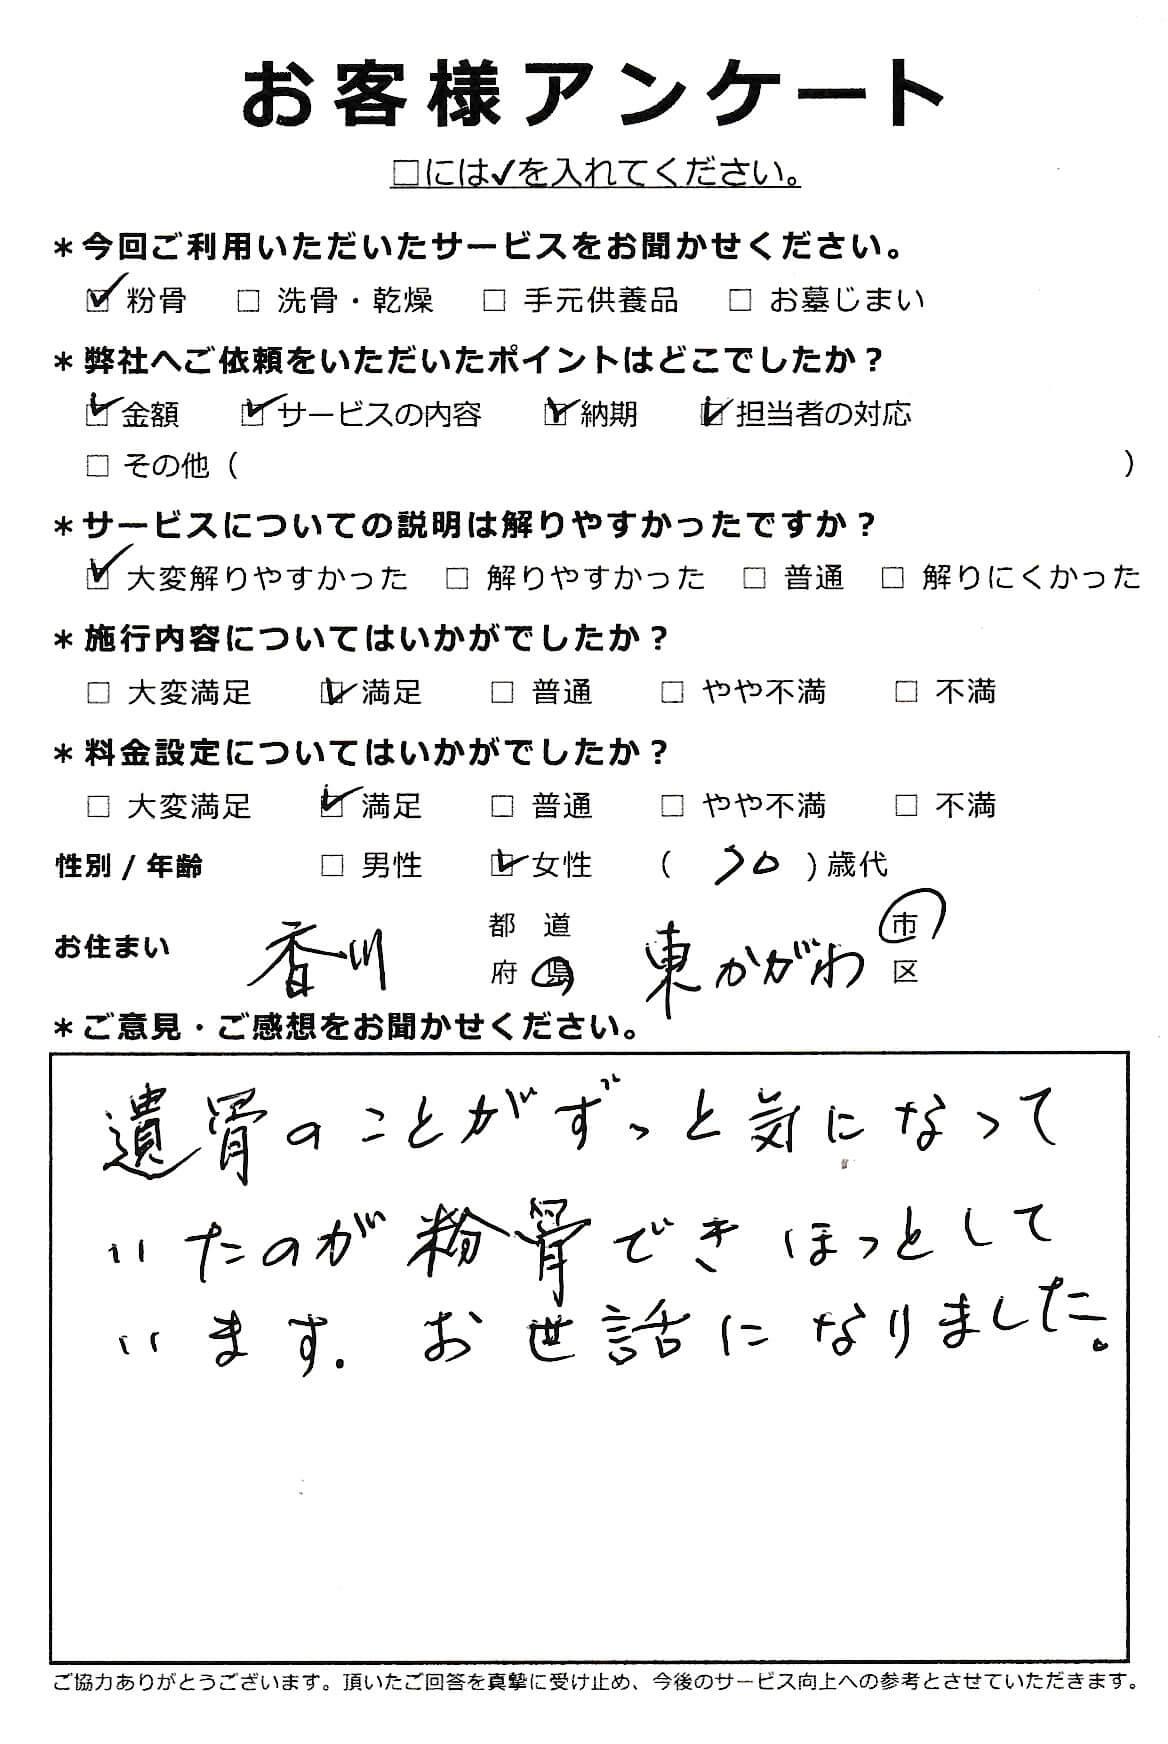 香川県東かがわ市での粉骨サービス